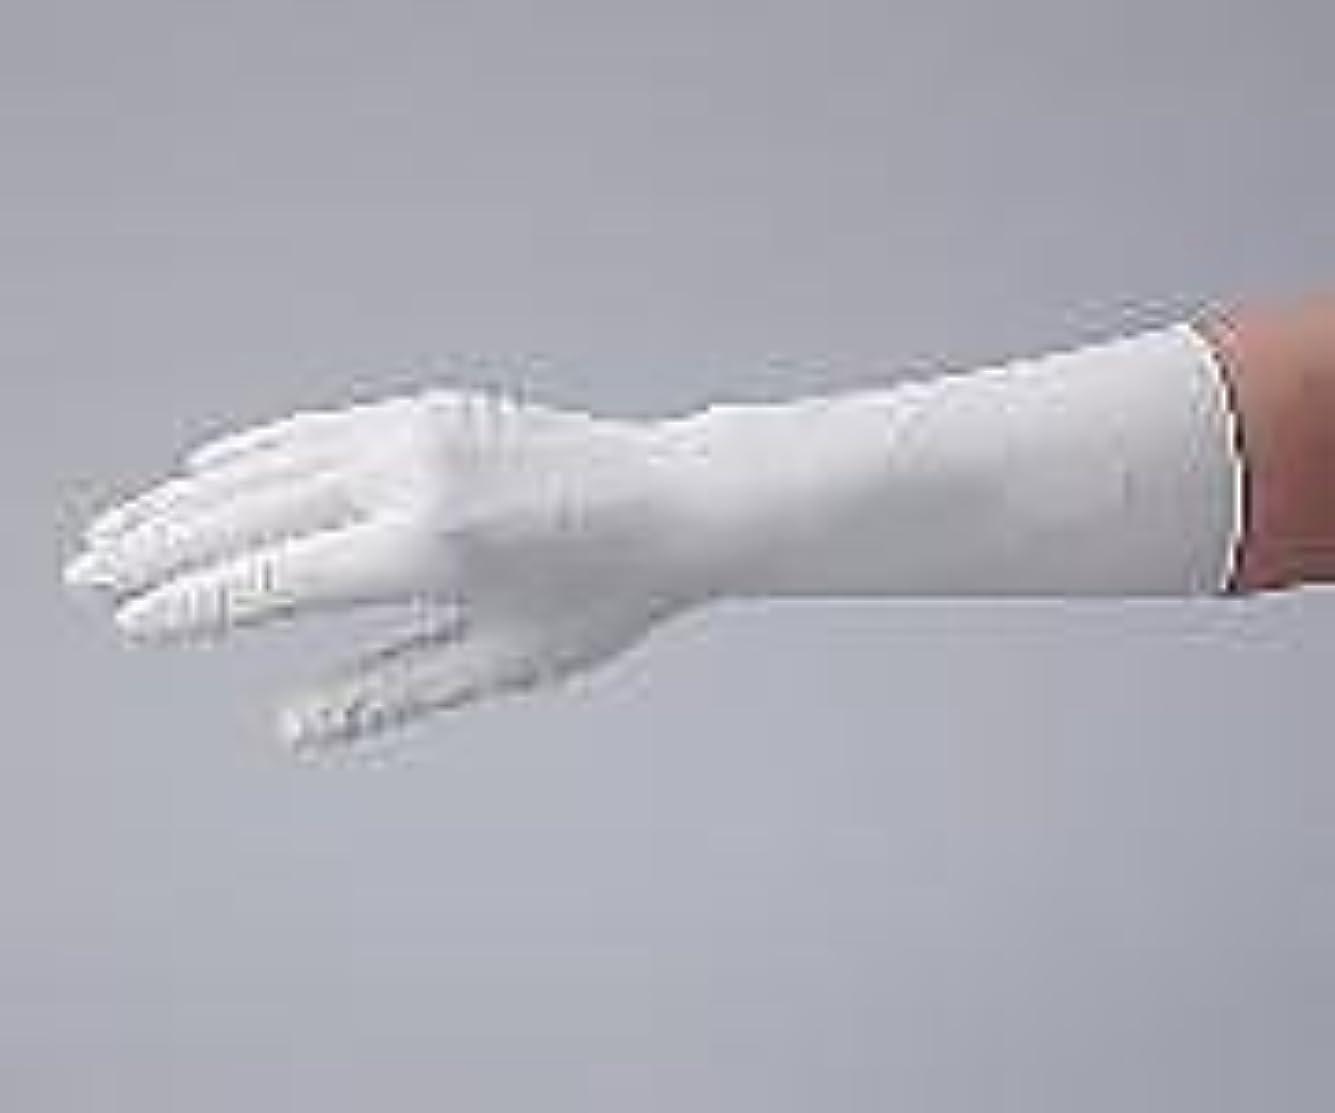 アズピュア(アズワン)1-2324-52アズピュアクリーンファーストニトリル手袋(ペアタイプ)クリーンパックS左右各50枚×10袋入